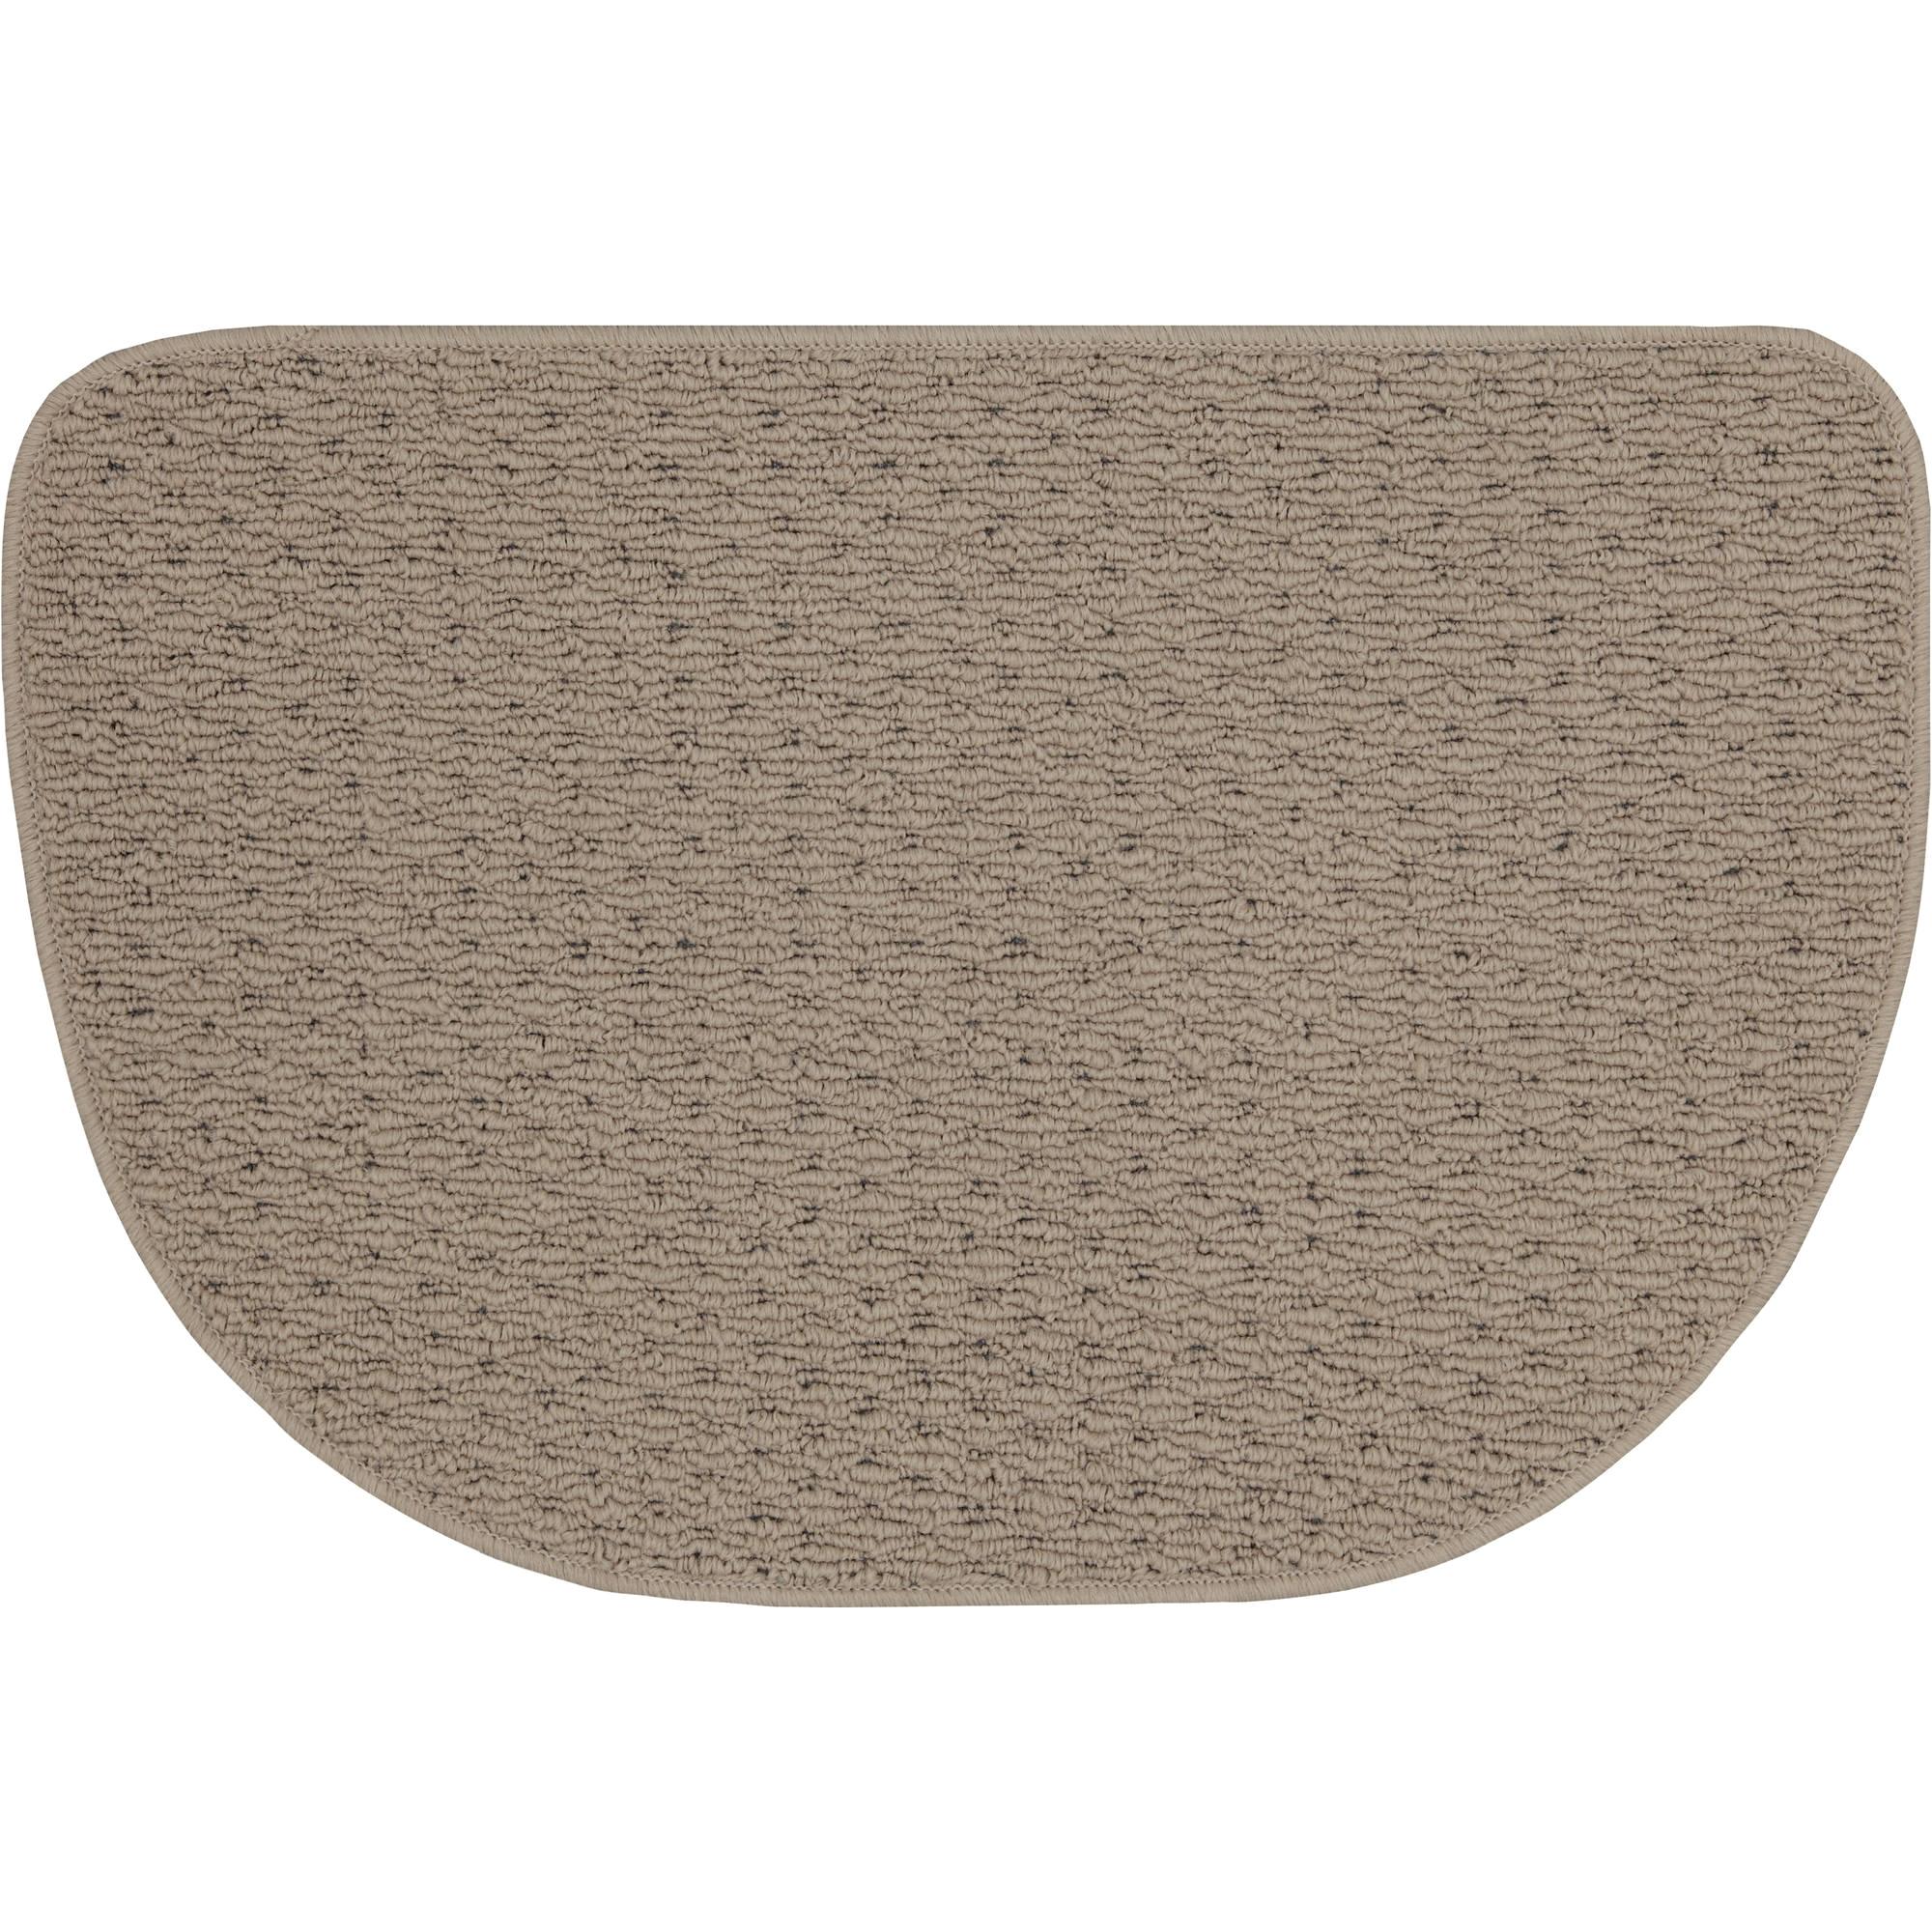 kitchen rugs walmart com kitchen rugs under 15